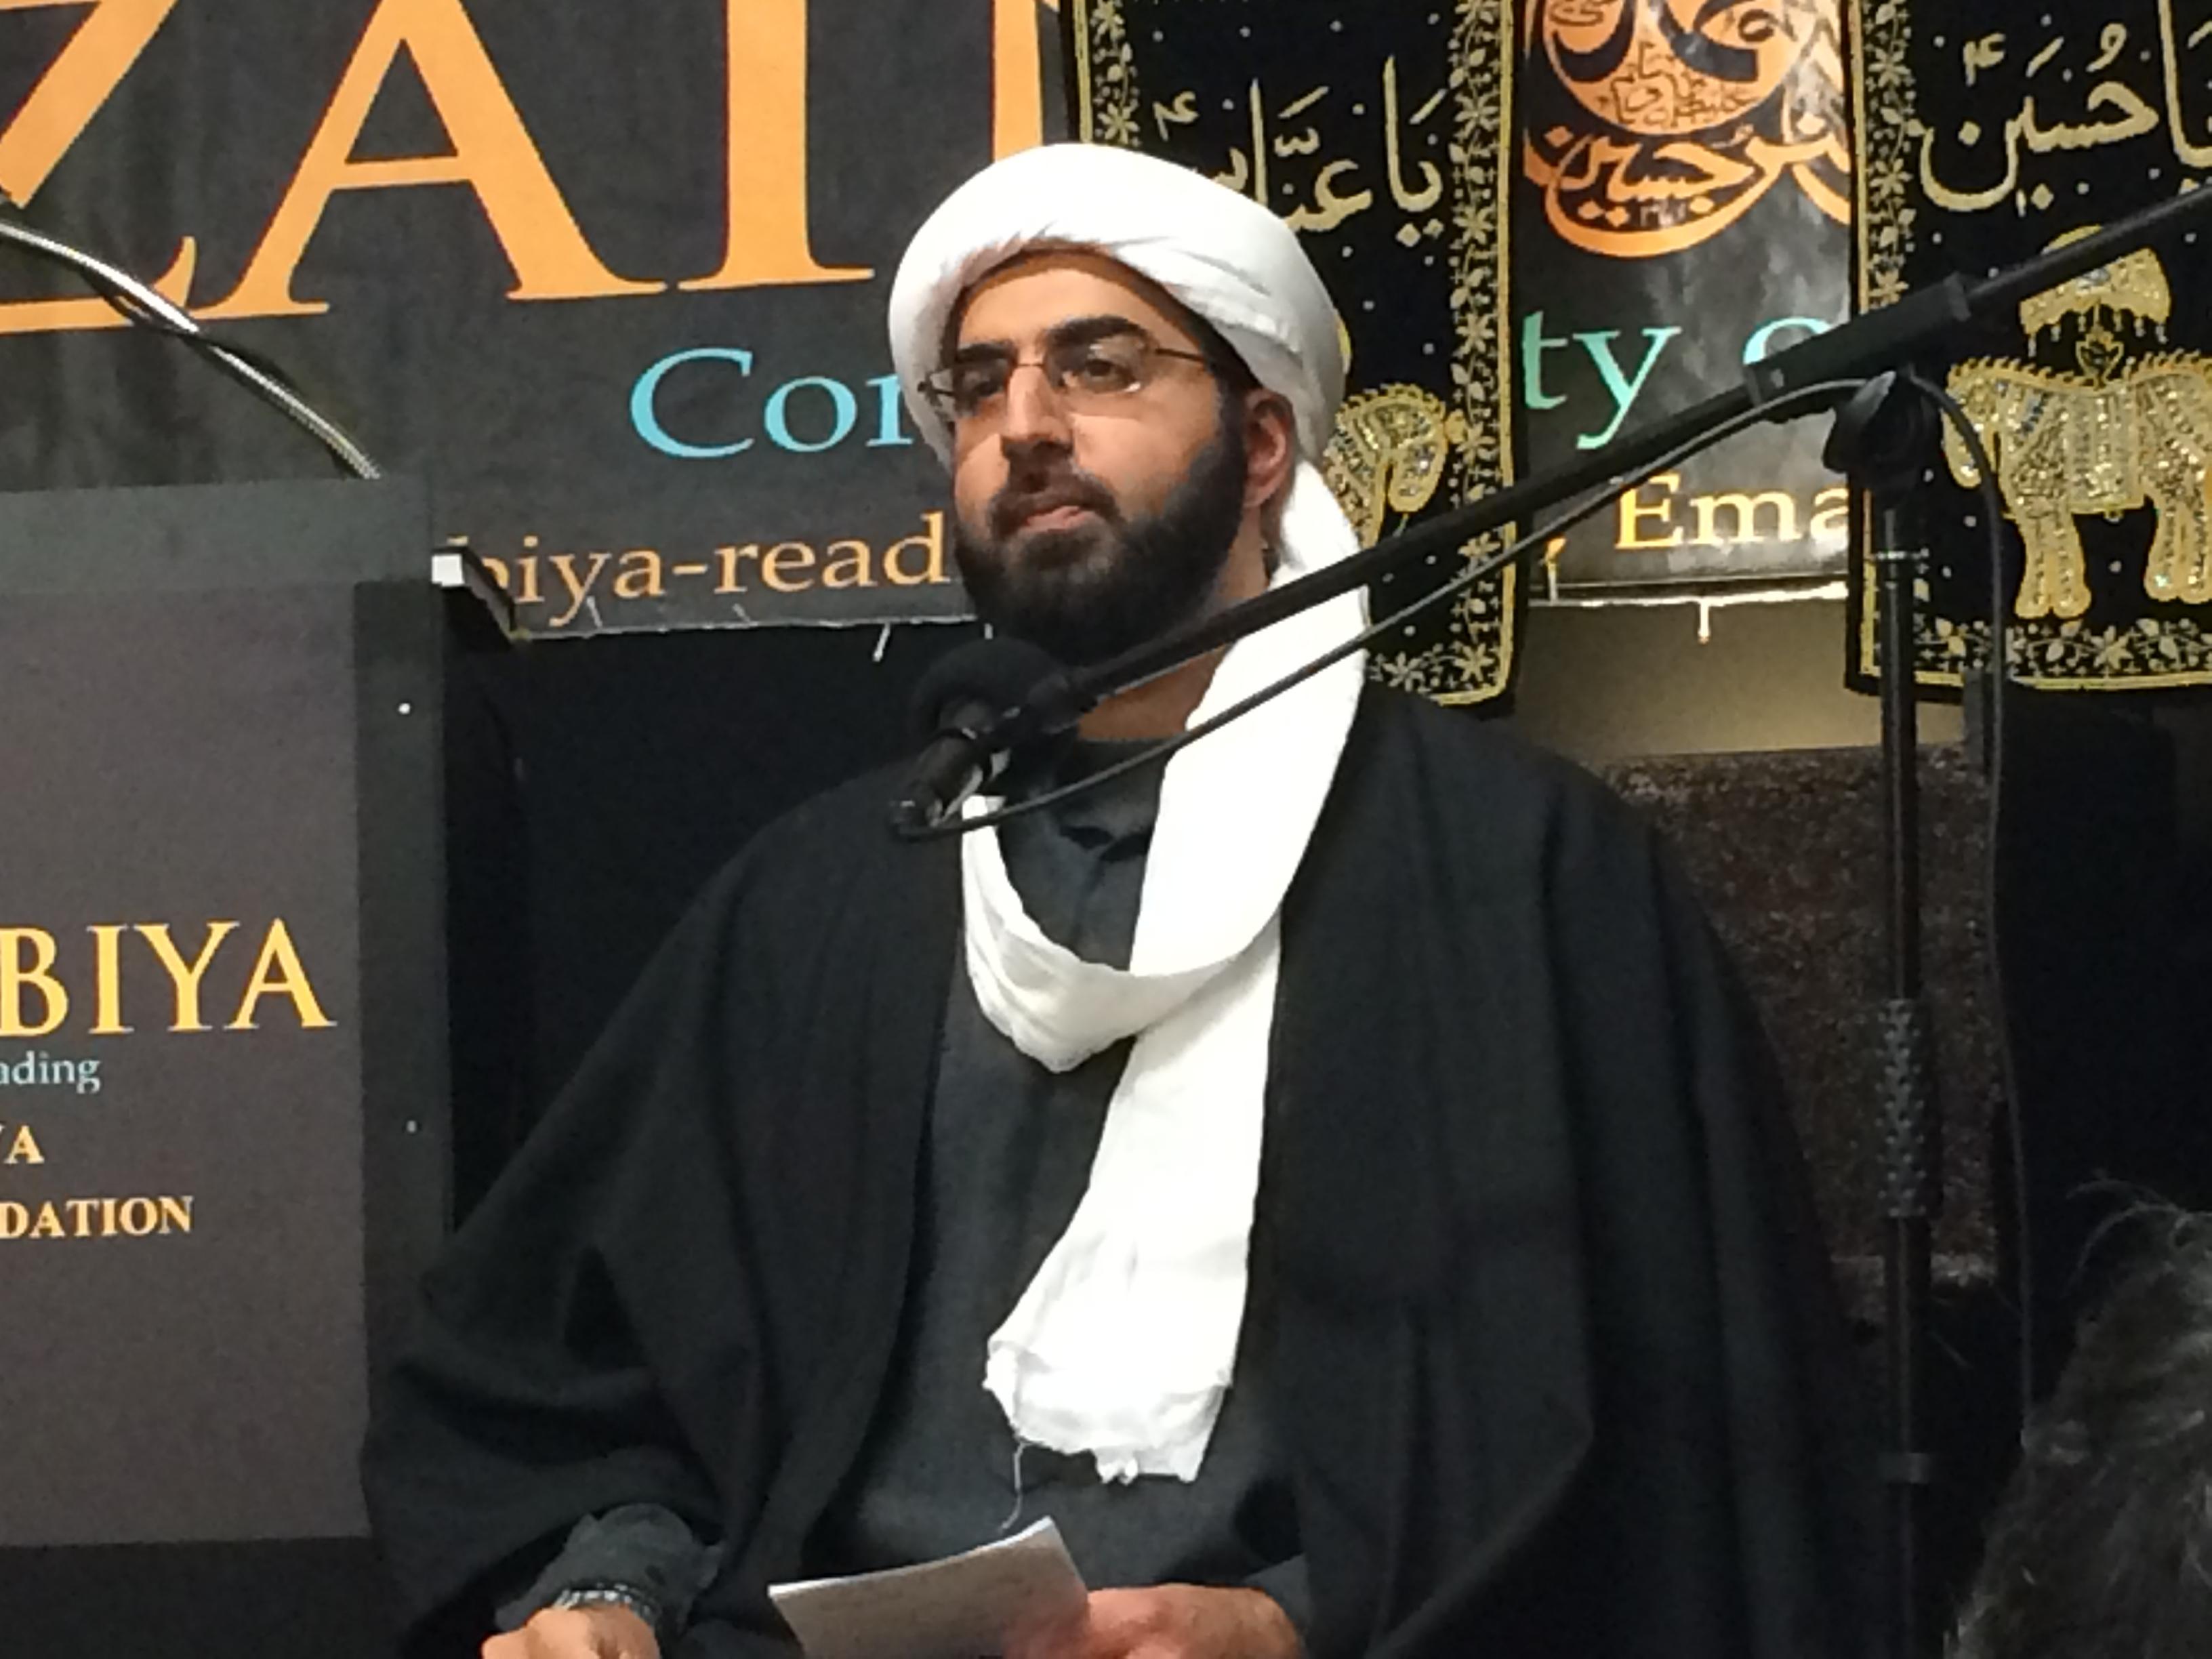 Sheikh Muhammad Reza Tajri